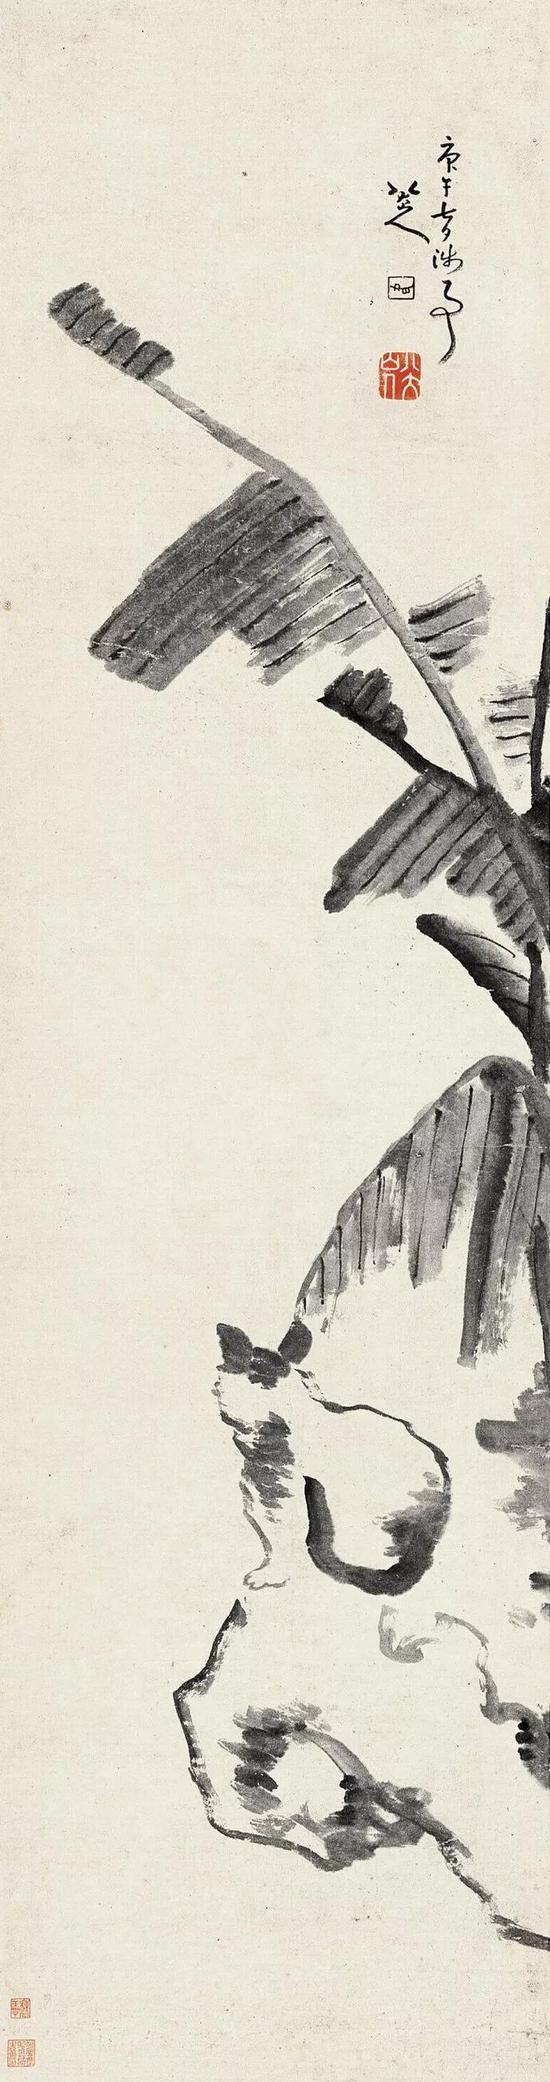 《蕉荫猫石图》 1690 年